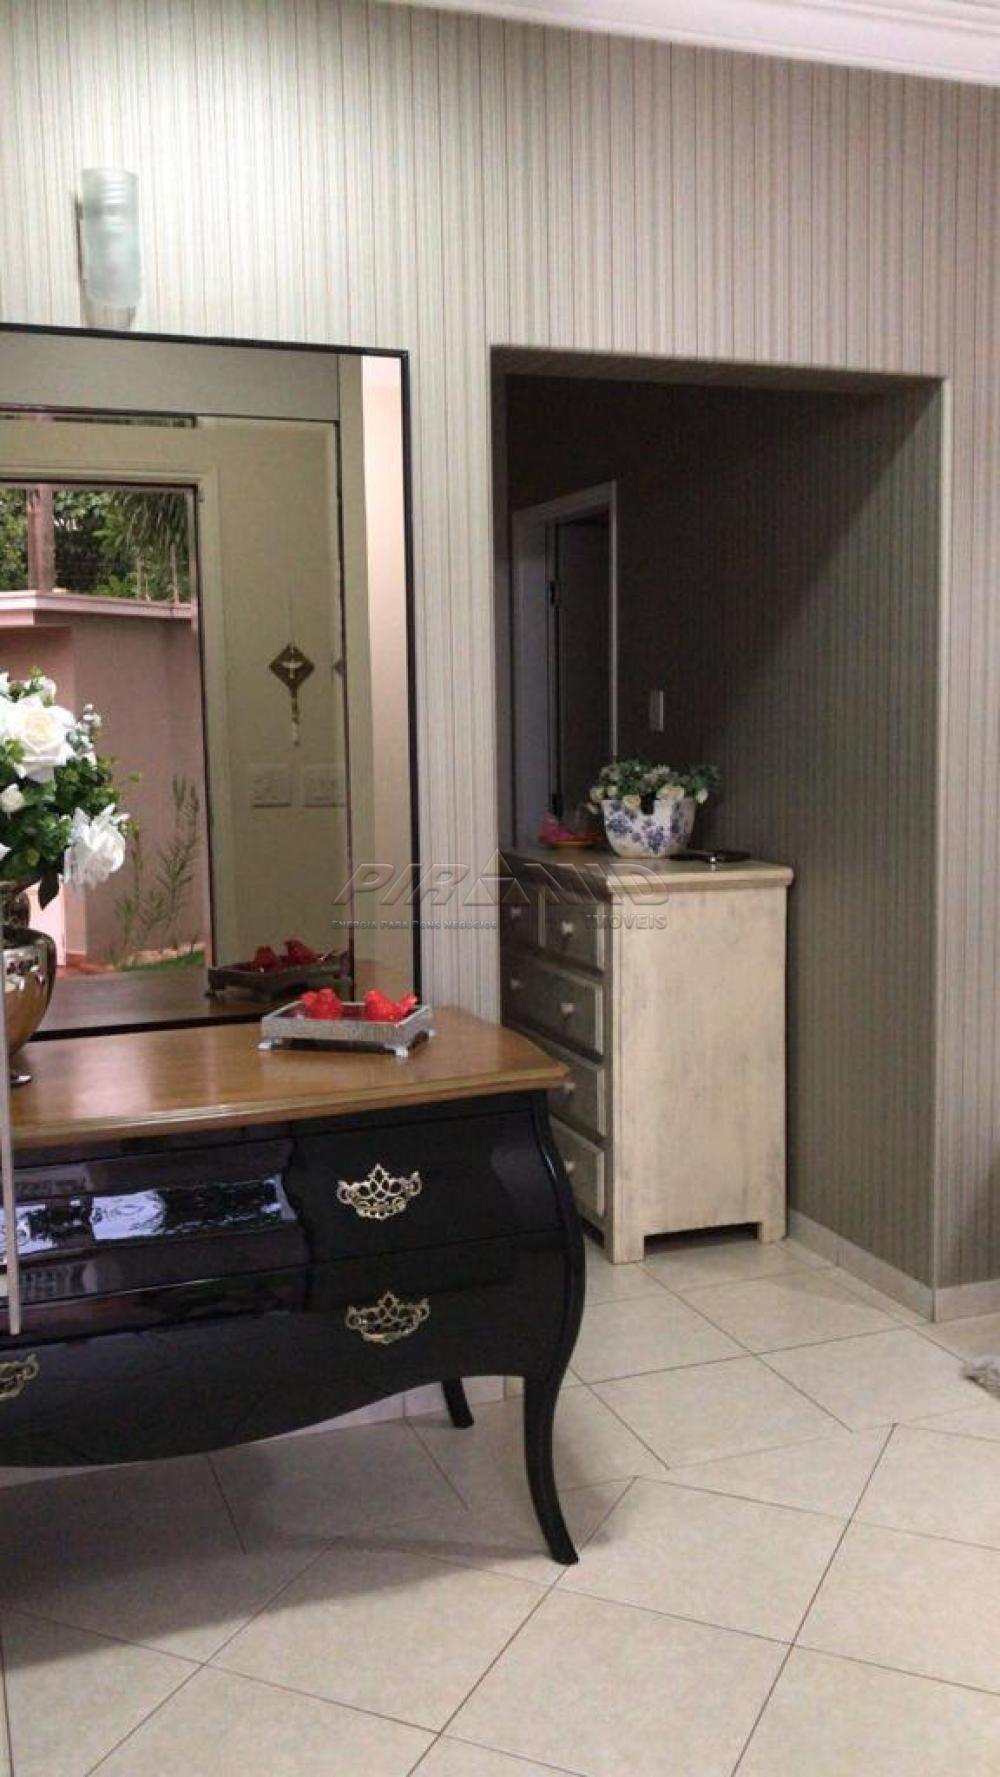 Comprar Casa / Padrão em Ribeirão Preto R$ 1.100.000,00 - Foto 6